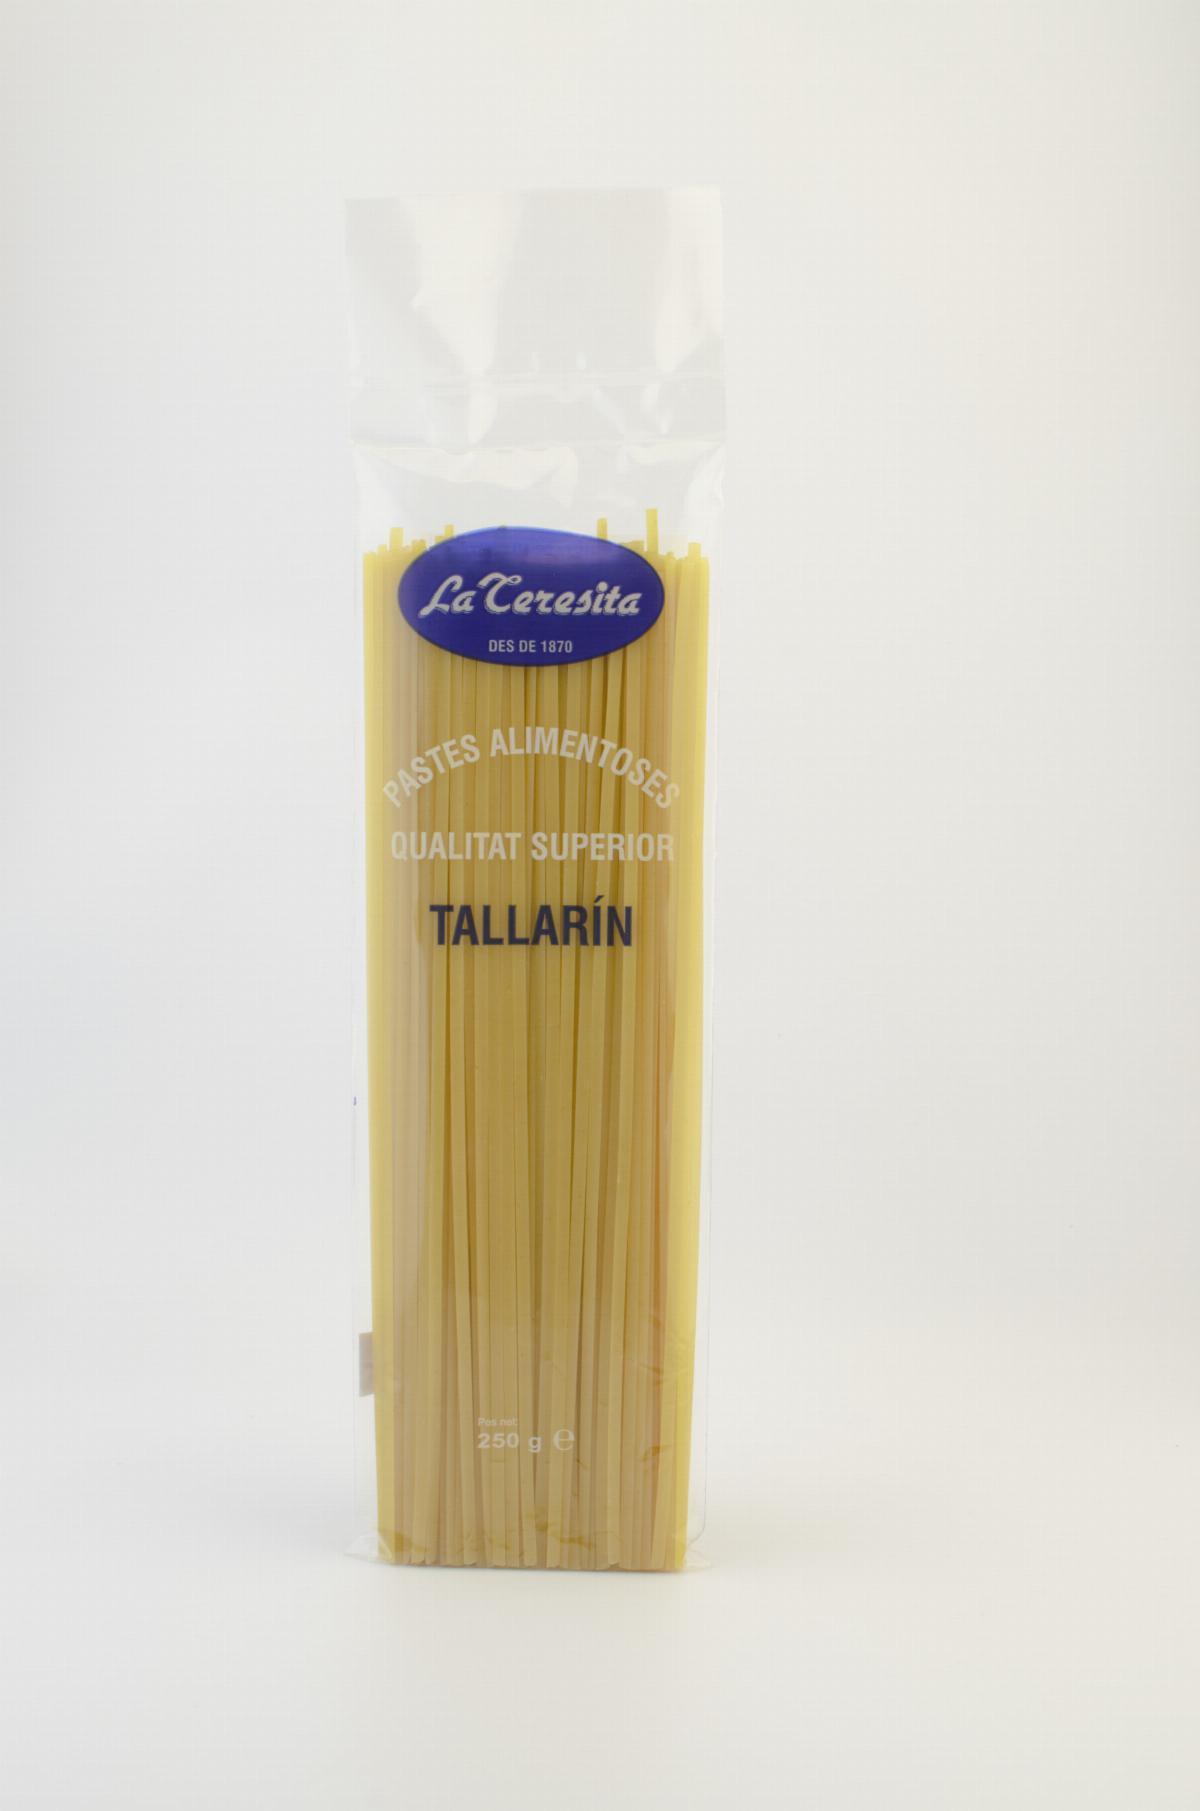 Pasta Tradicional Tallarins La Teresita 250g